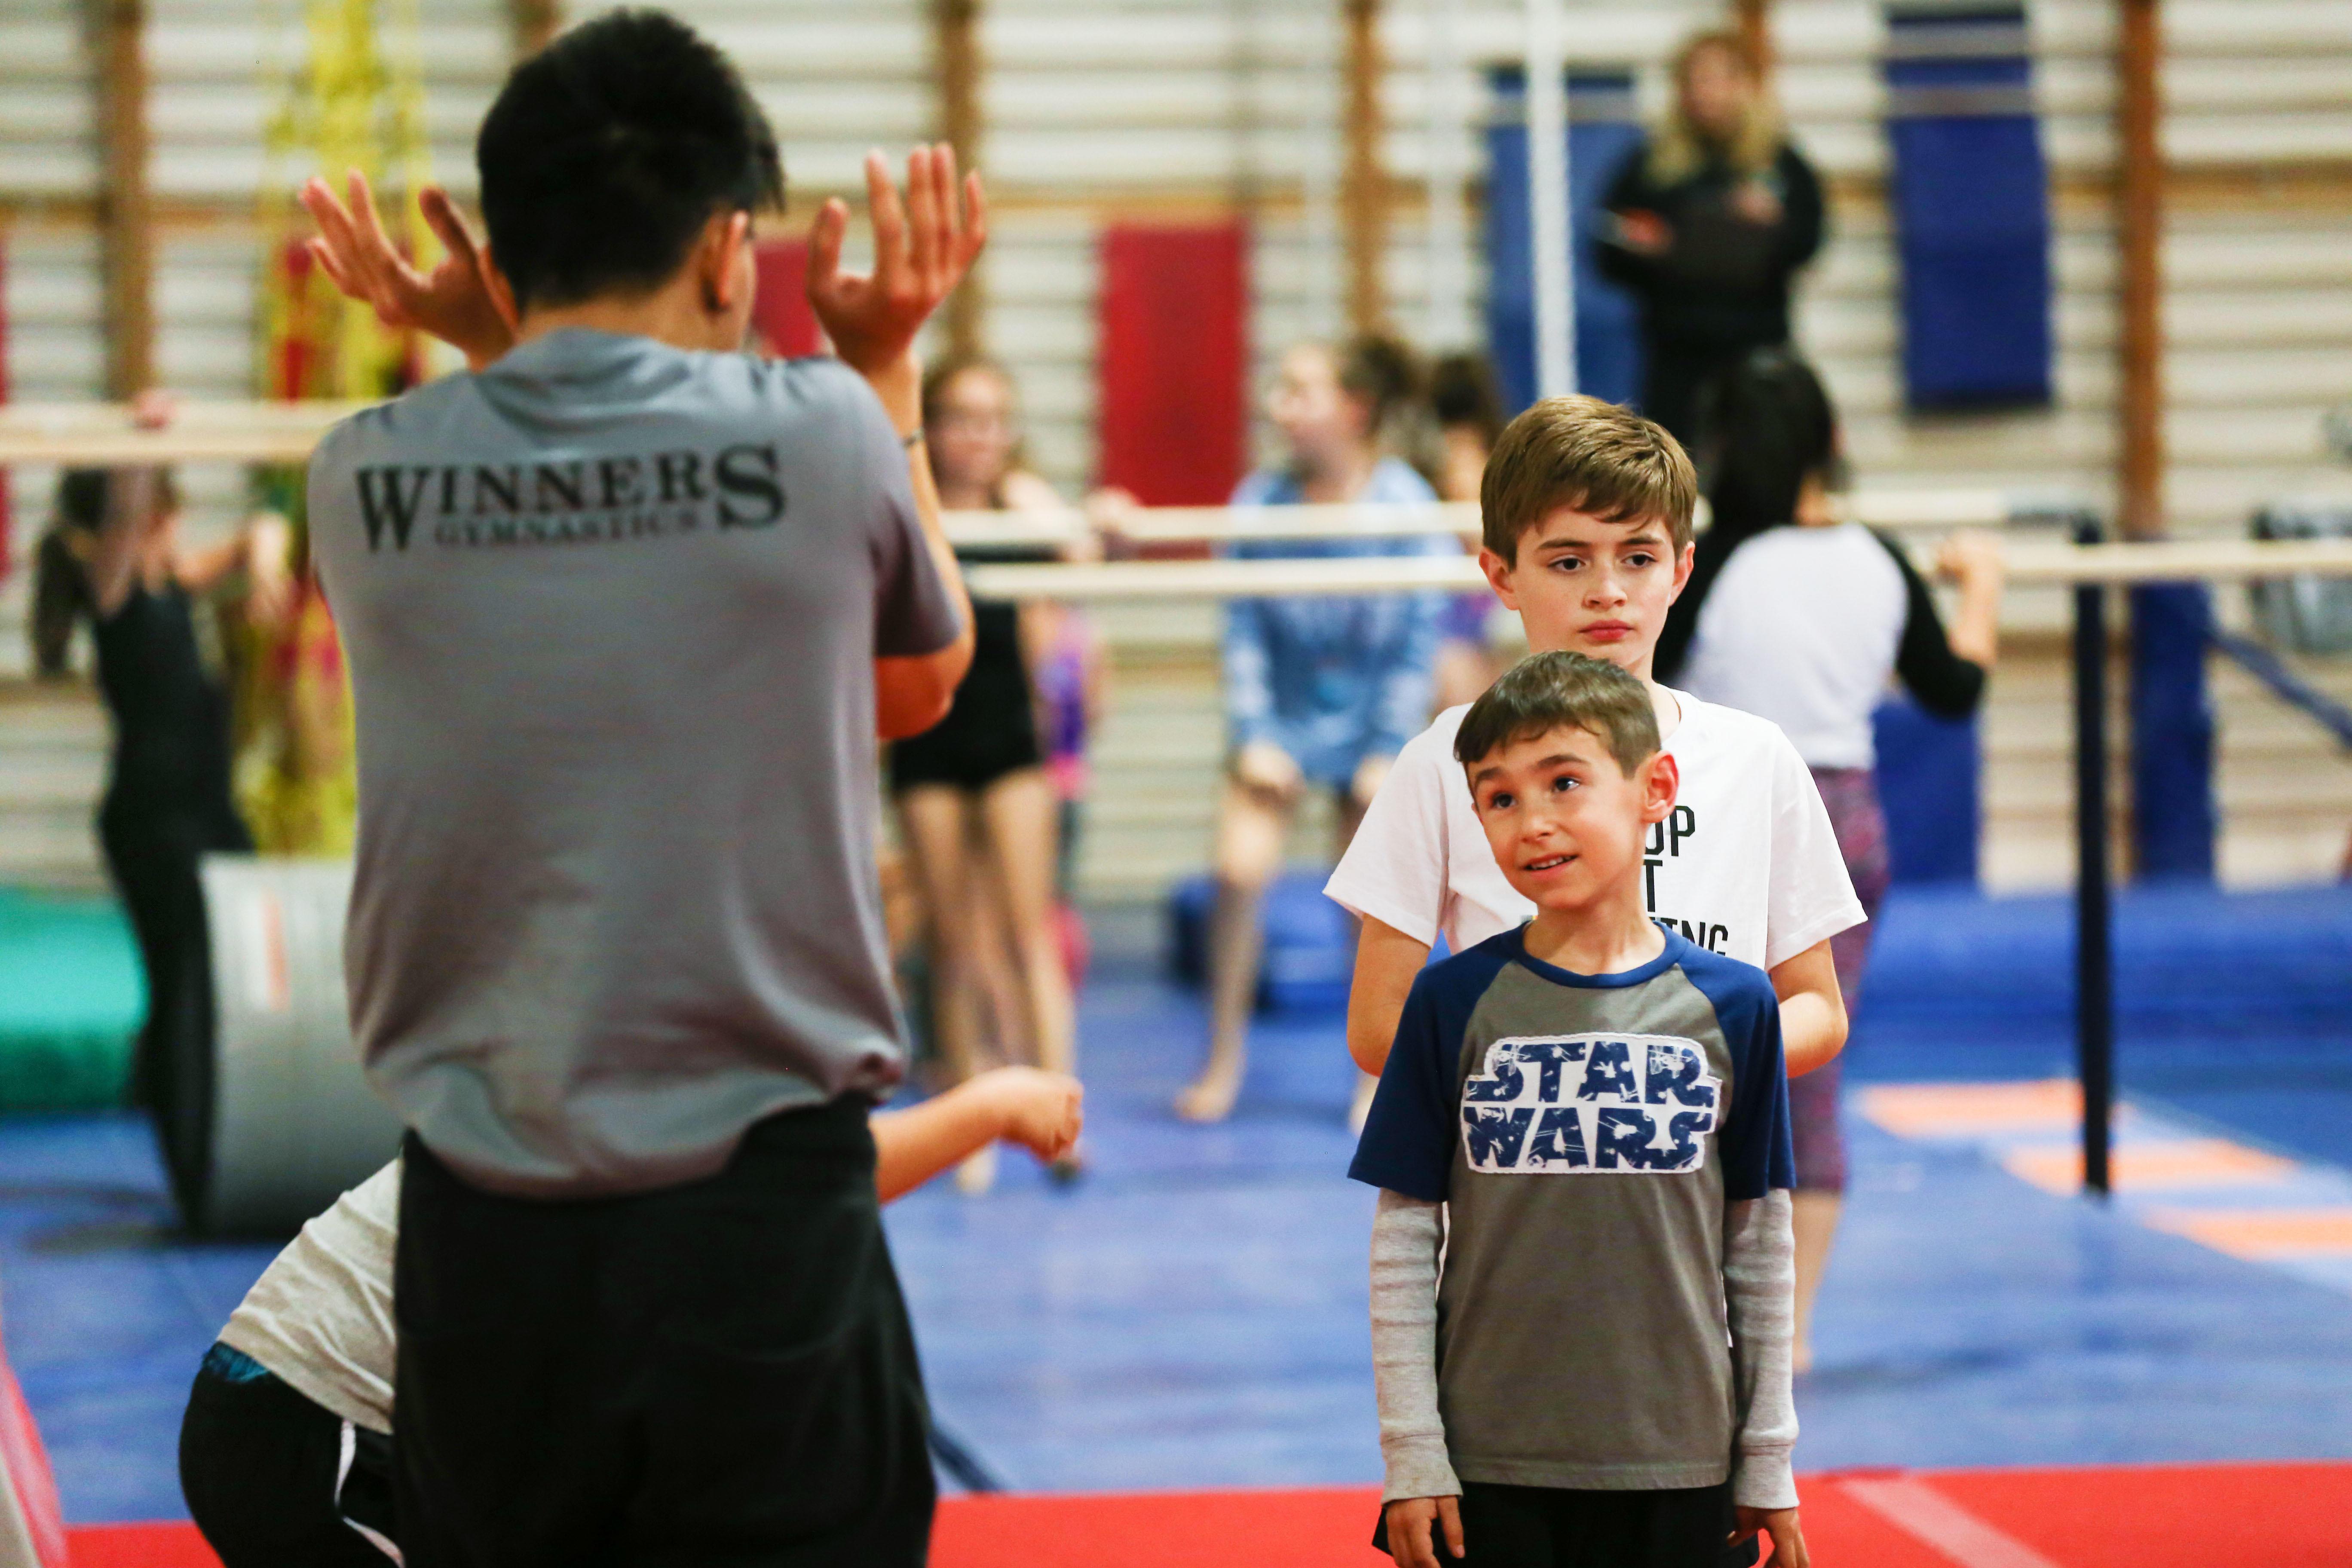 Winner's Academy of Gymnastics image 6